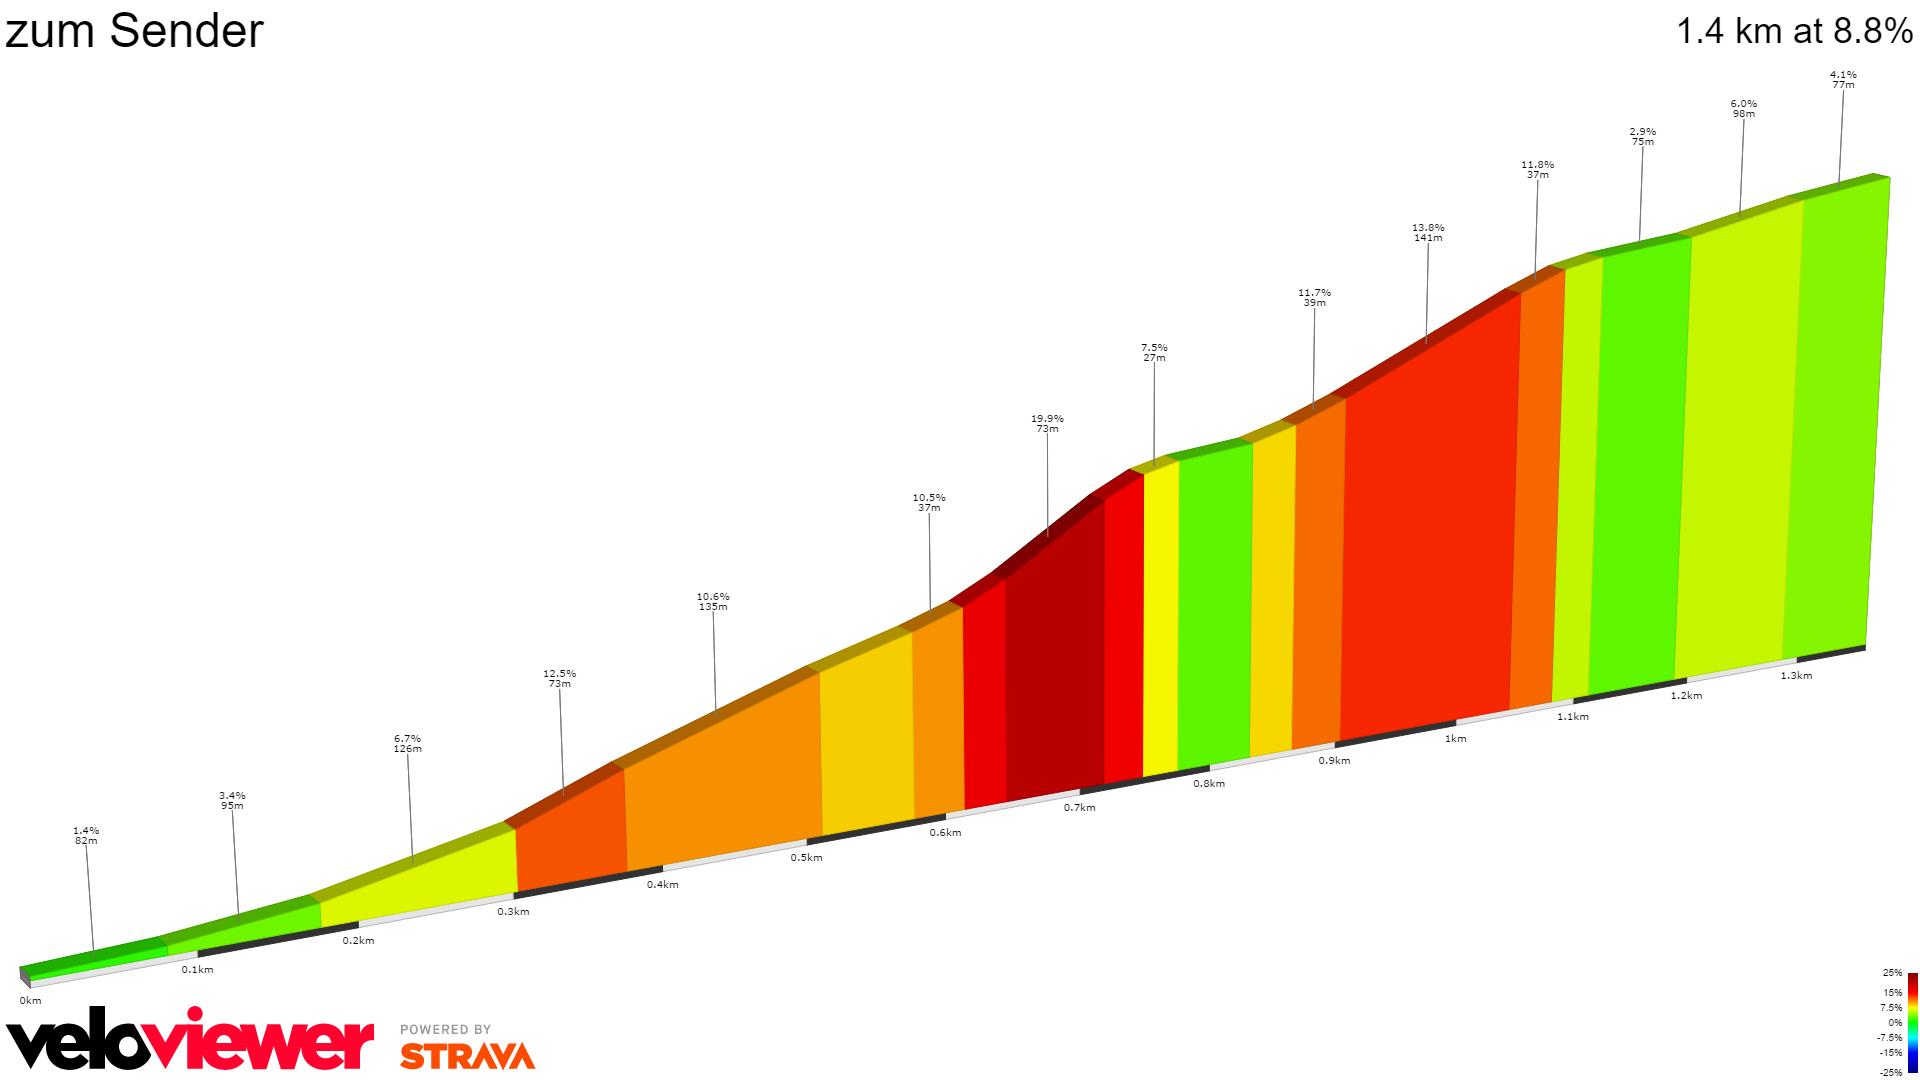 2D Elevation profile image for zum Sender